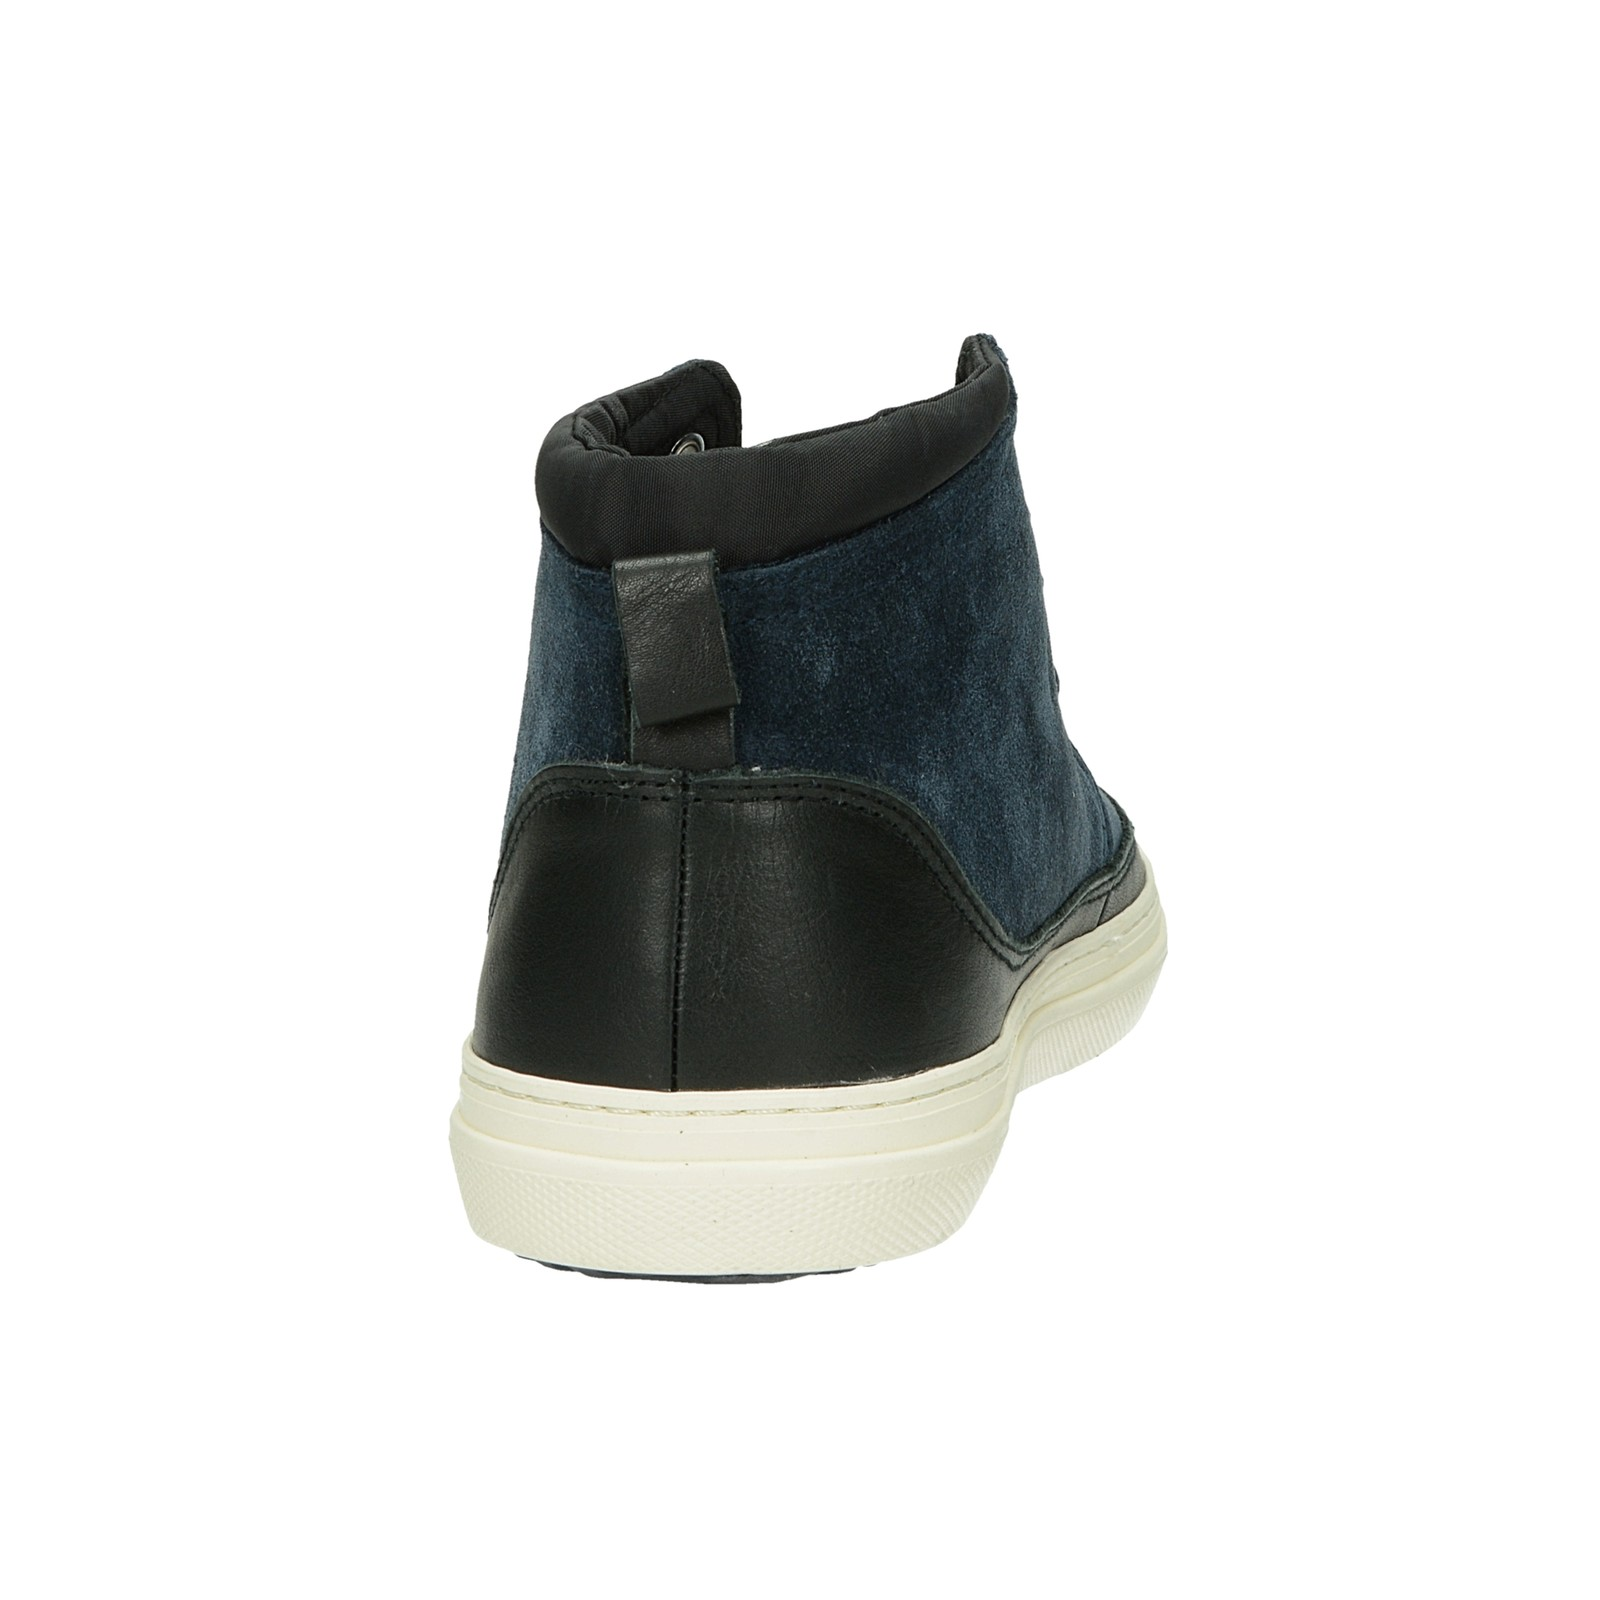 7a68ba7cb1 ... Gant pánske semišové štýlové čižmy - modré ...